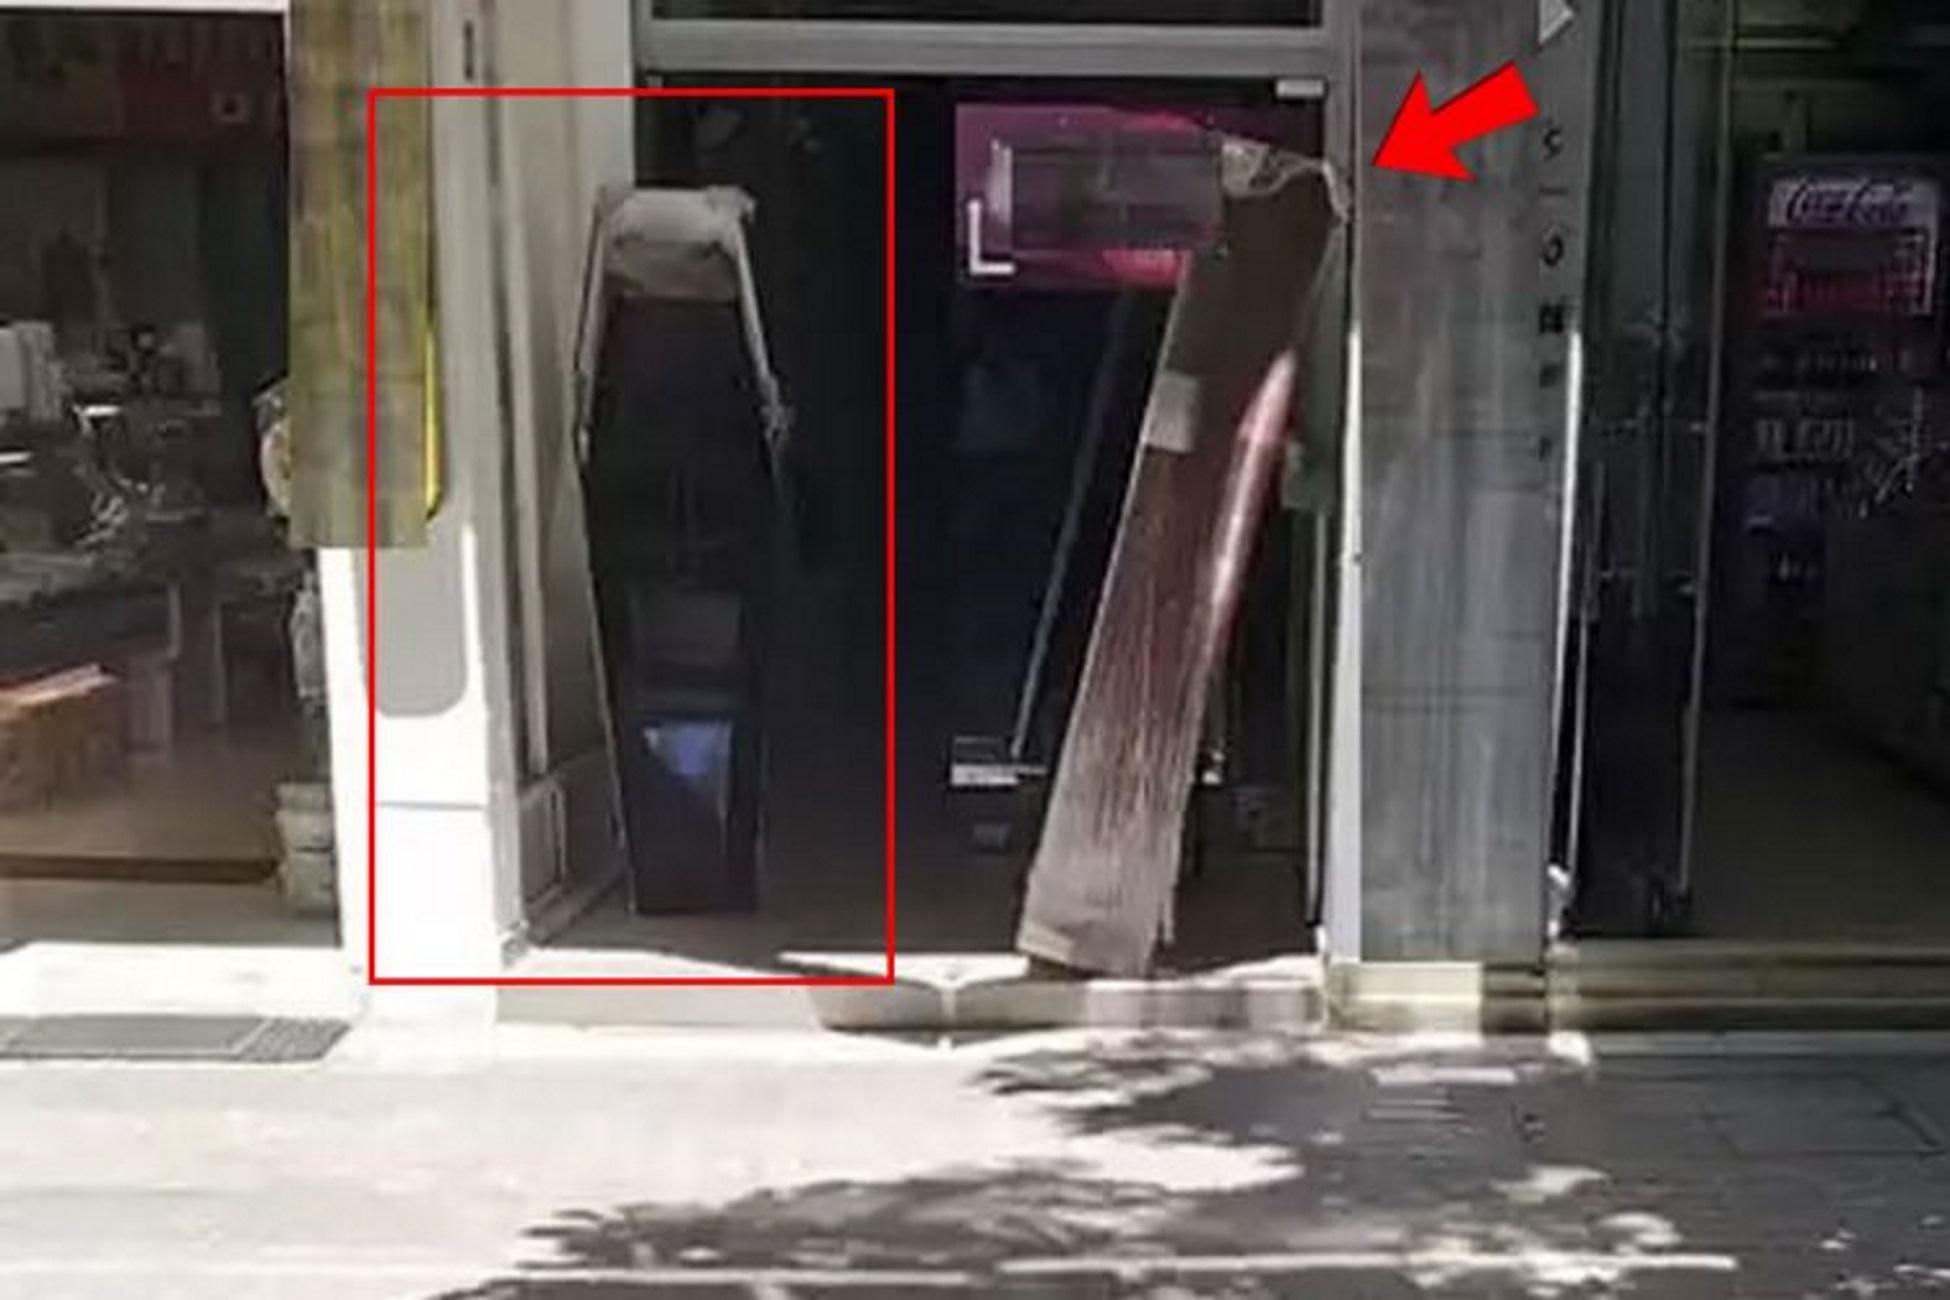 Κοζάνη: Κούφανε τον εστιάτορα με αυτό τον τρόπο! Οι απίθανες σκηνές μπροστά στο κατάστημα (Φωτό)